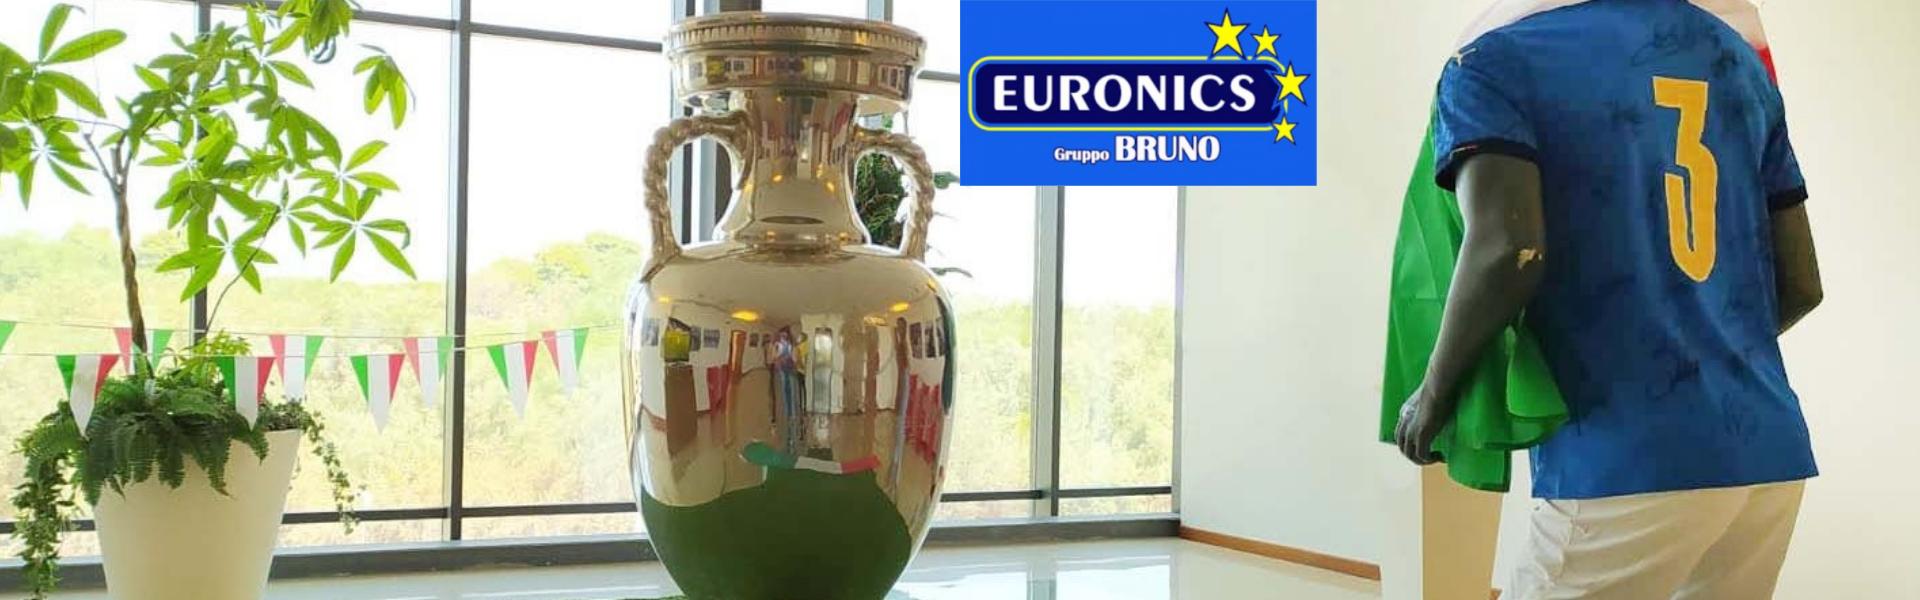 """Promozione con marcia indietro per Bruno Euronics che non aveva """"Autorizzazione dalla FIGC"""""""